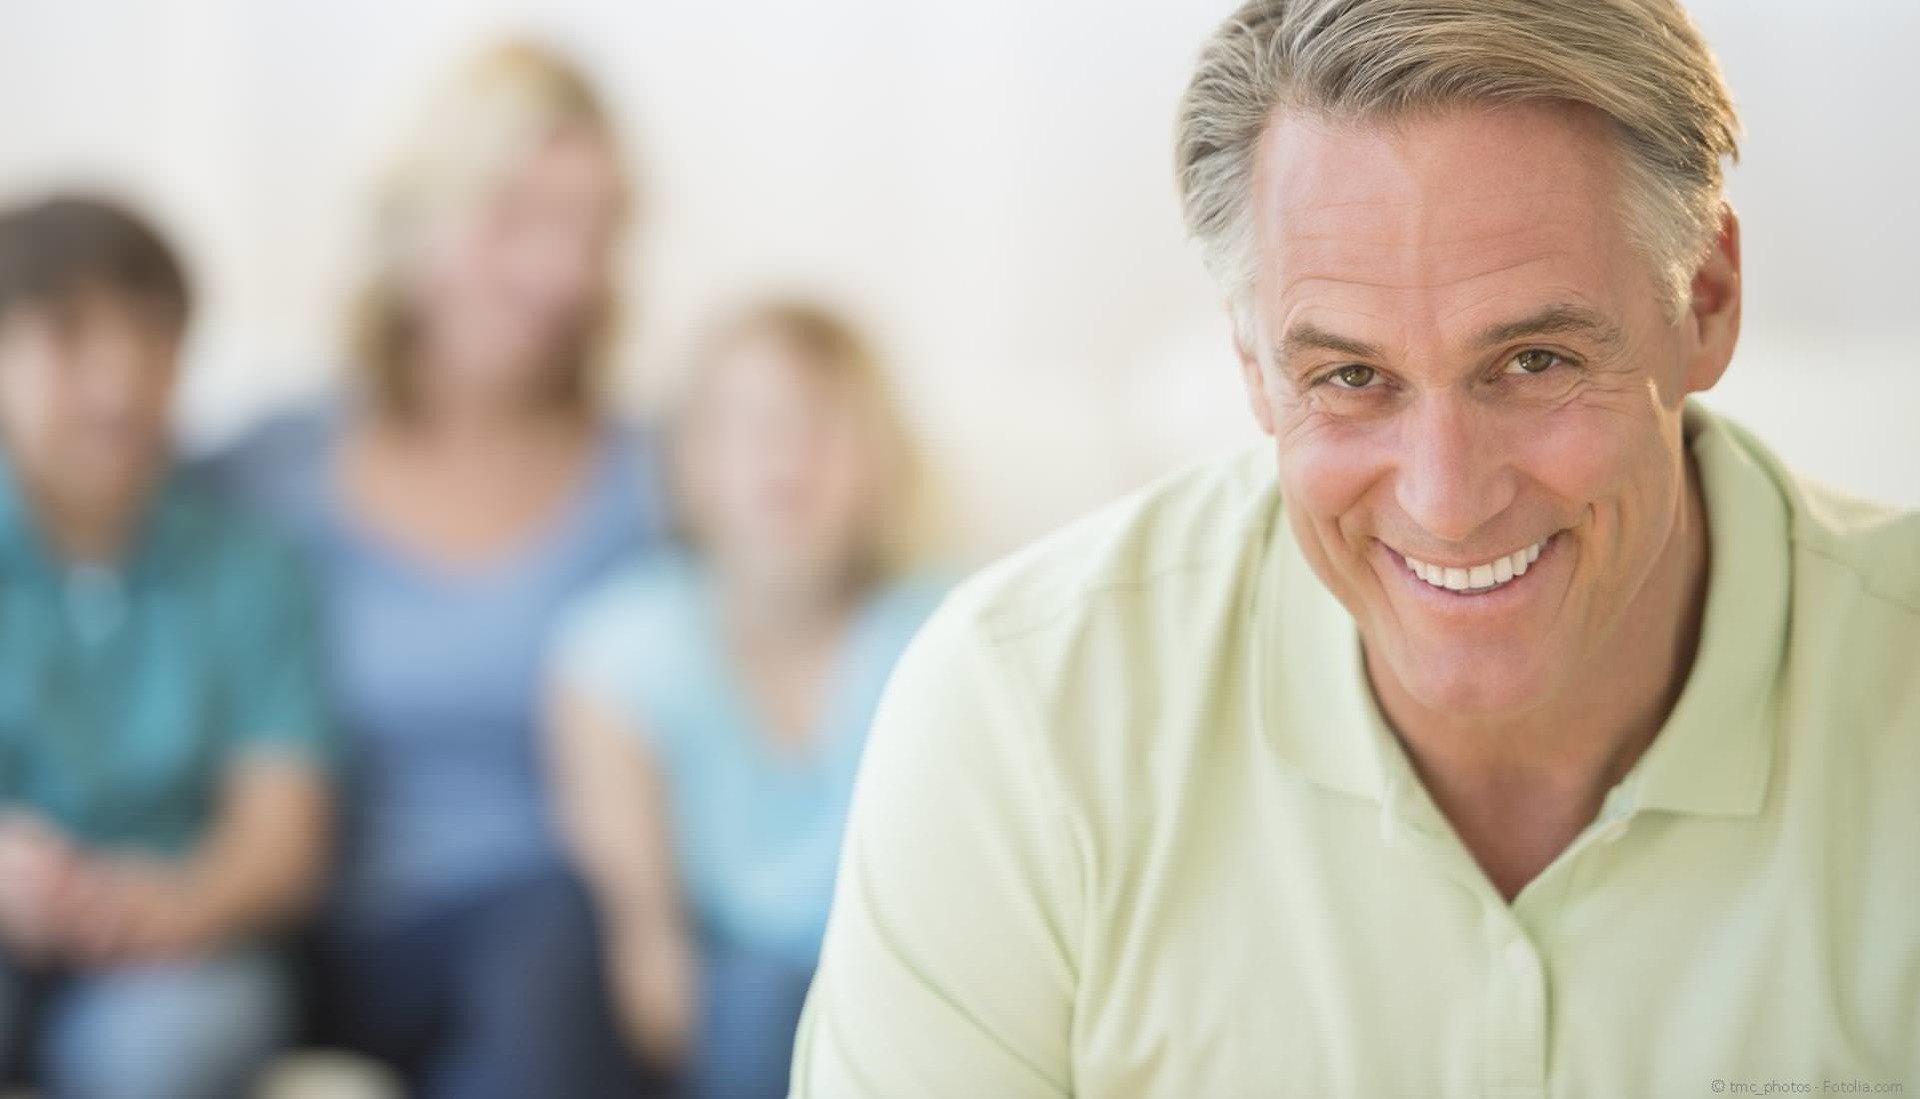 Zahnimplantate: So fest wie eigene Zähne